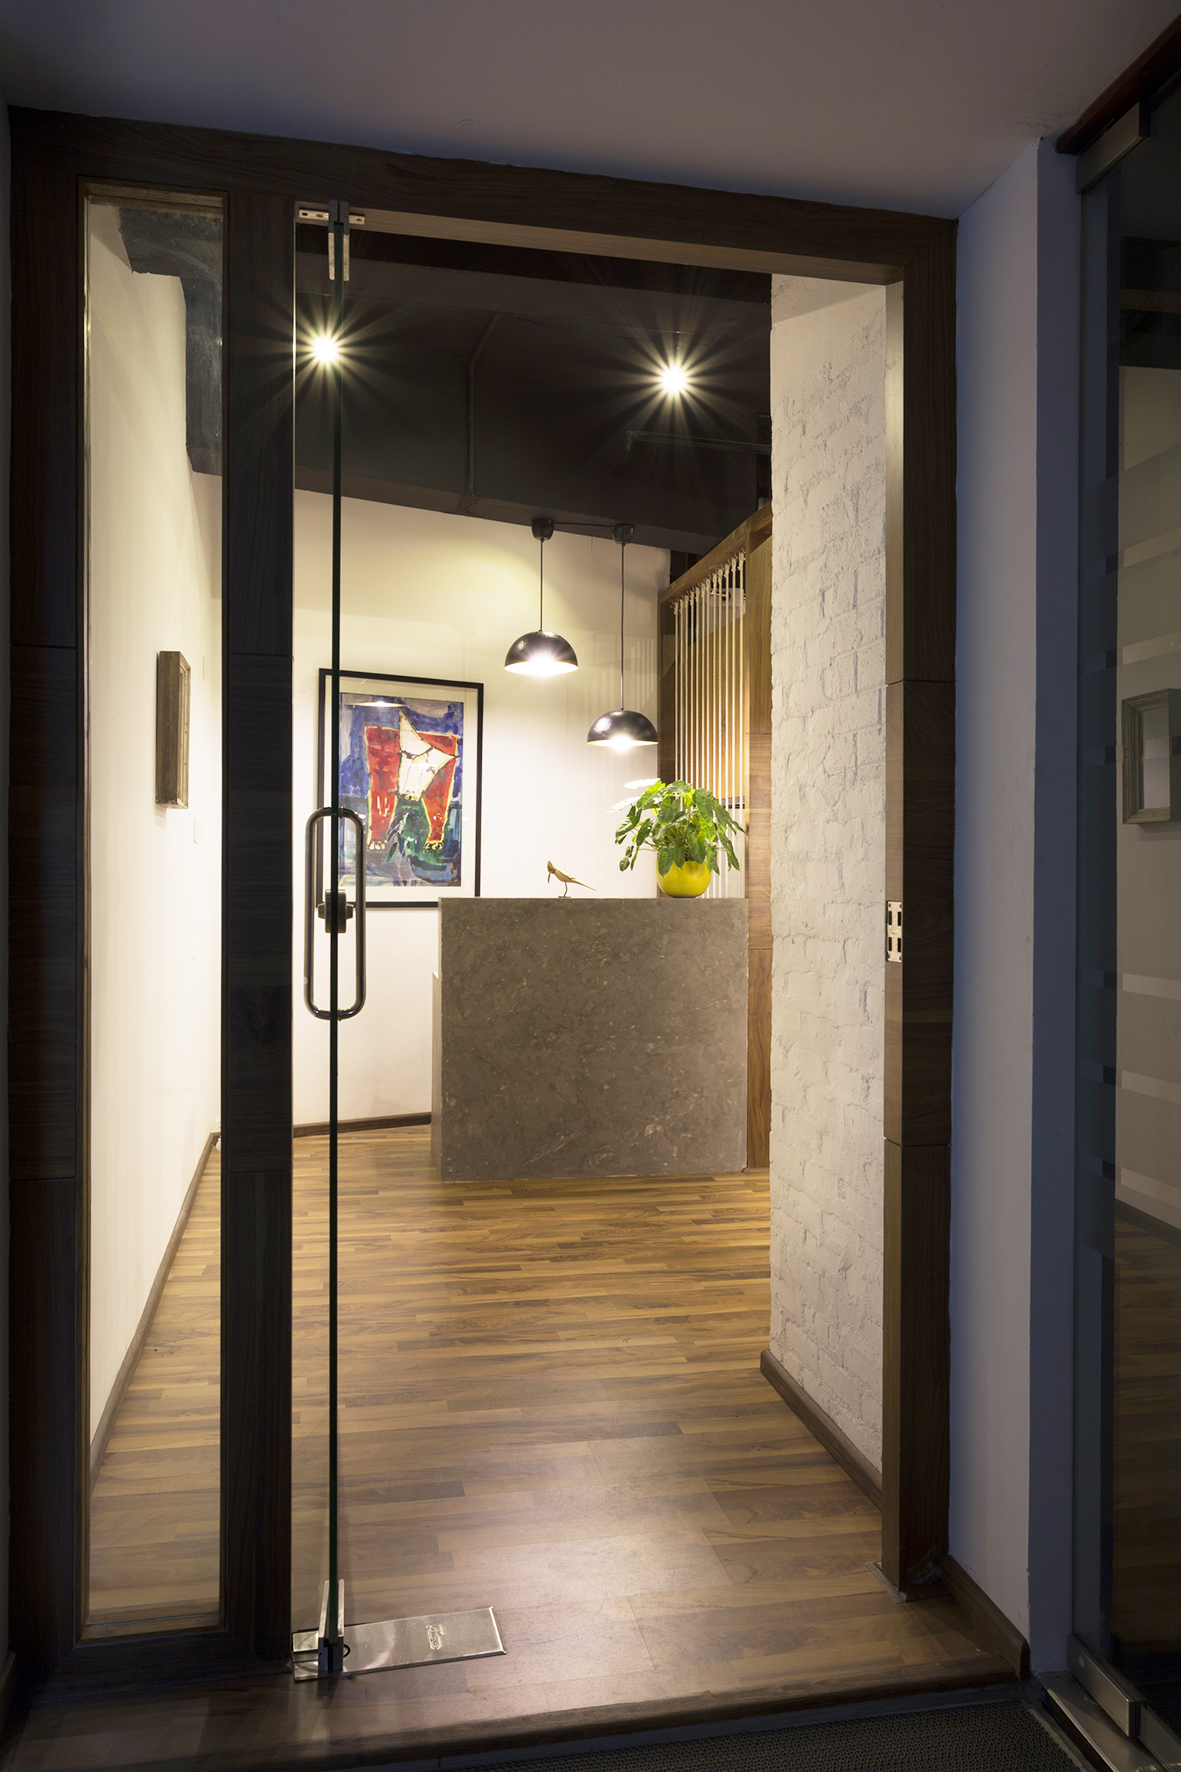 Entrance - Reception